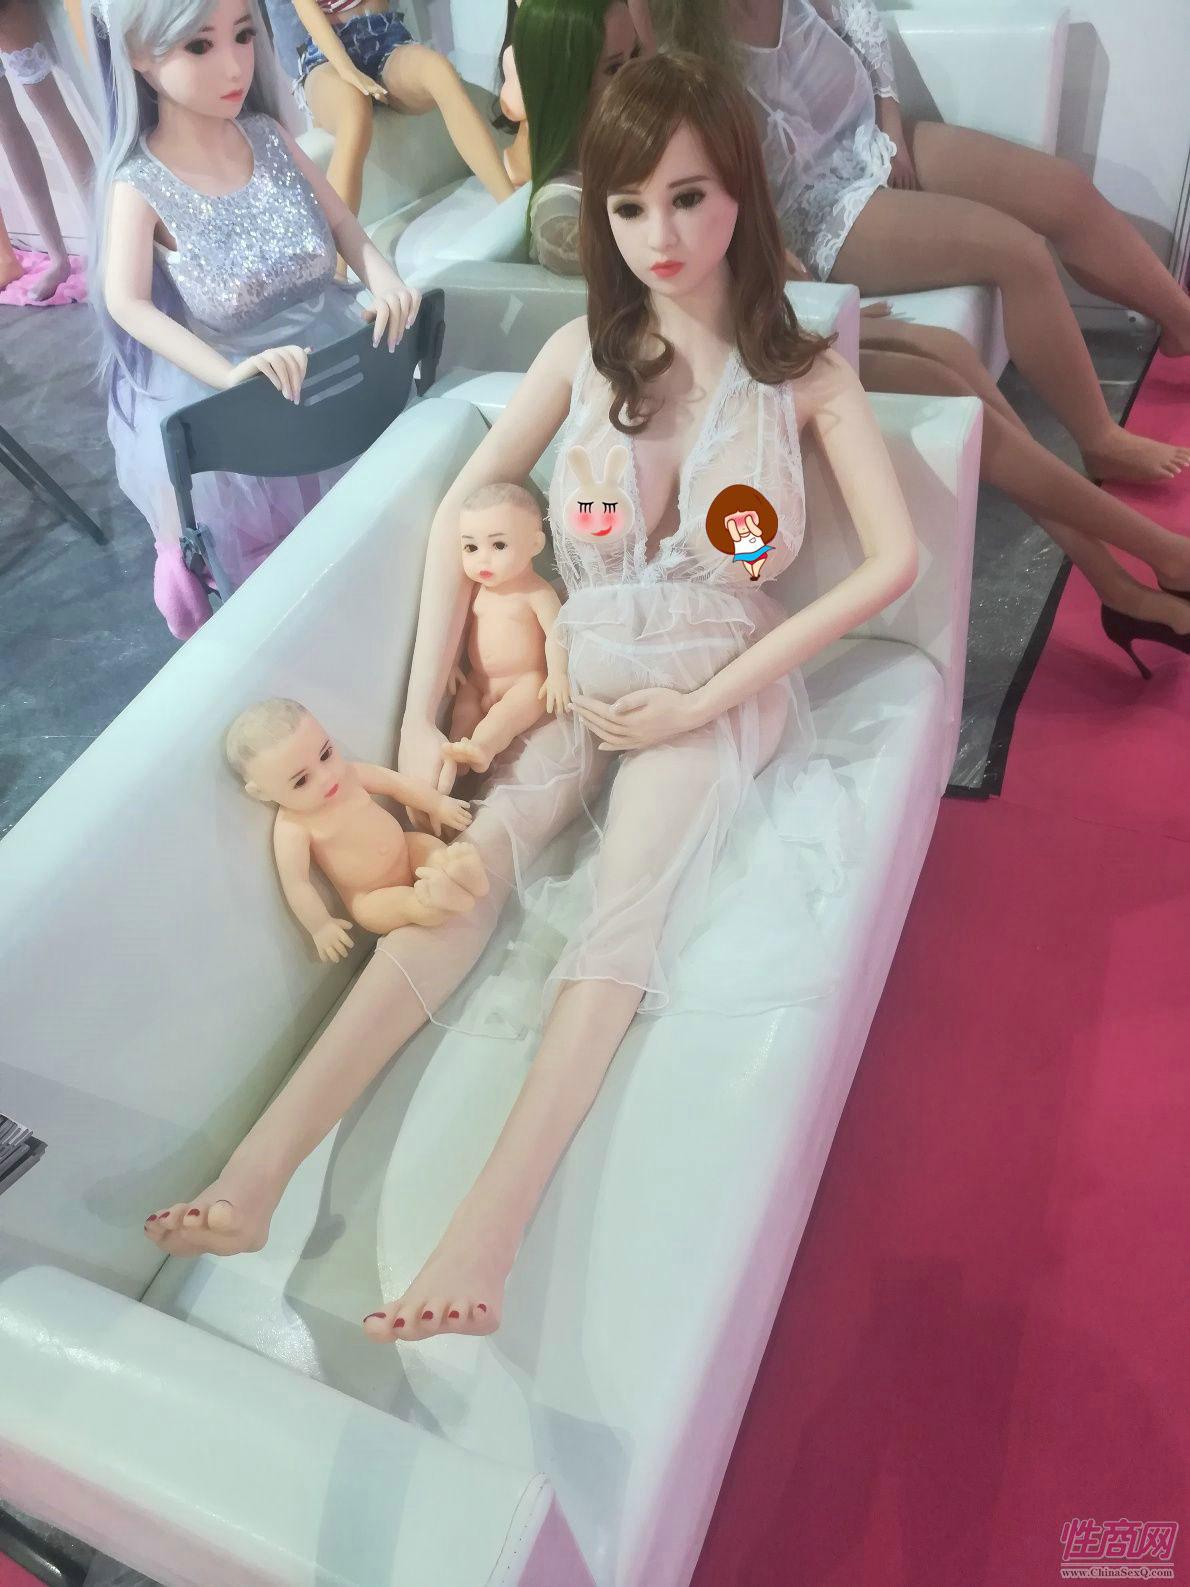 18上海成人展-实体娃娃 (7)